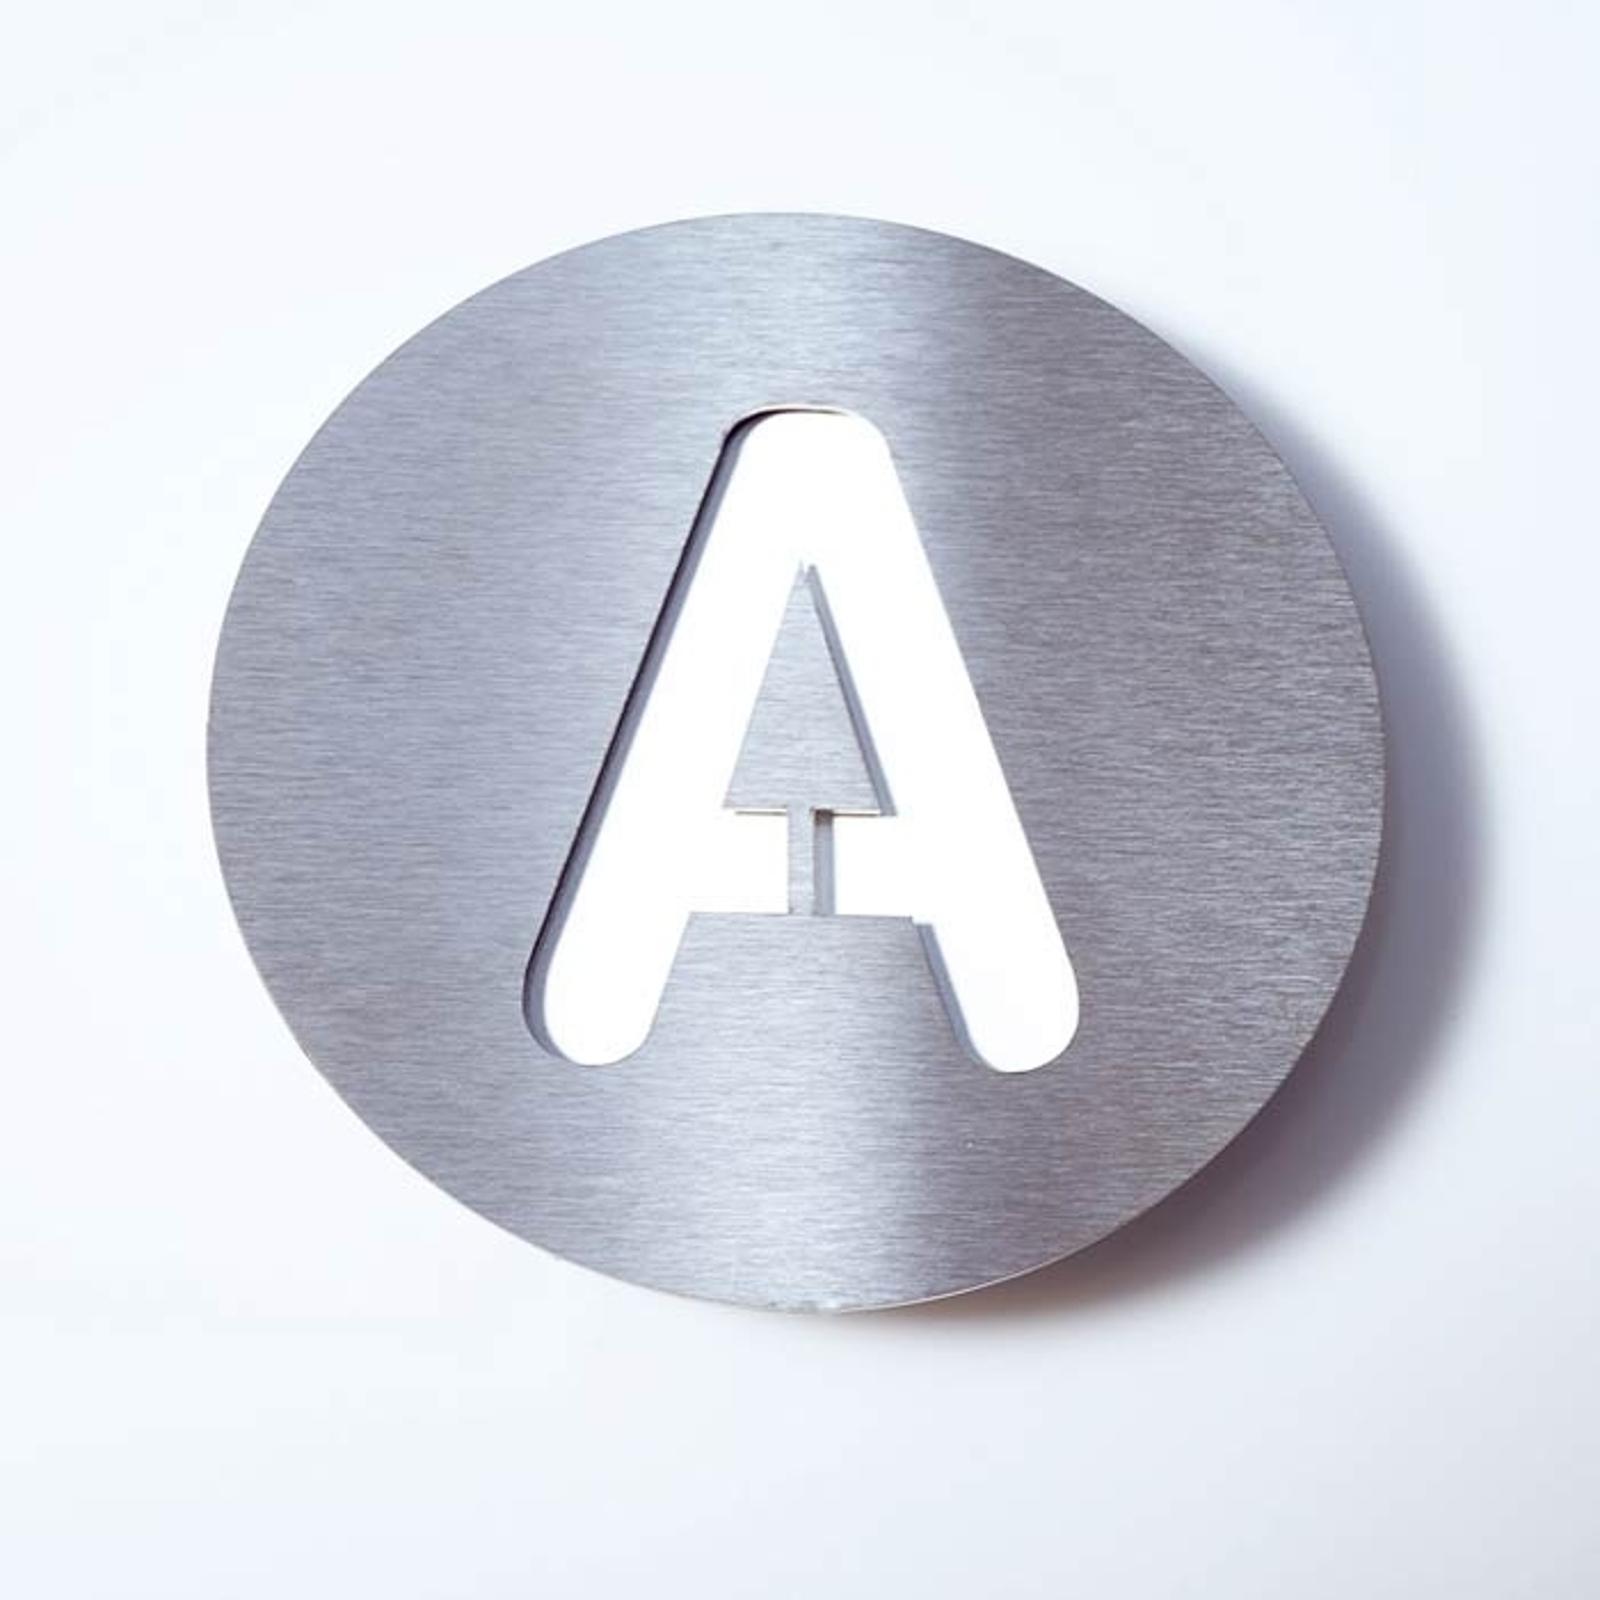 Número de casa de acero inoxidable Round - A